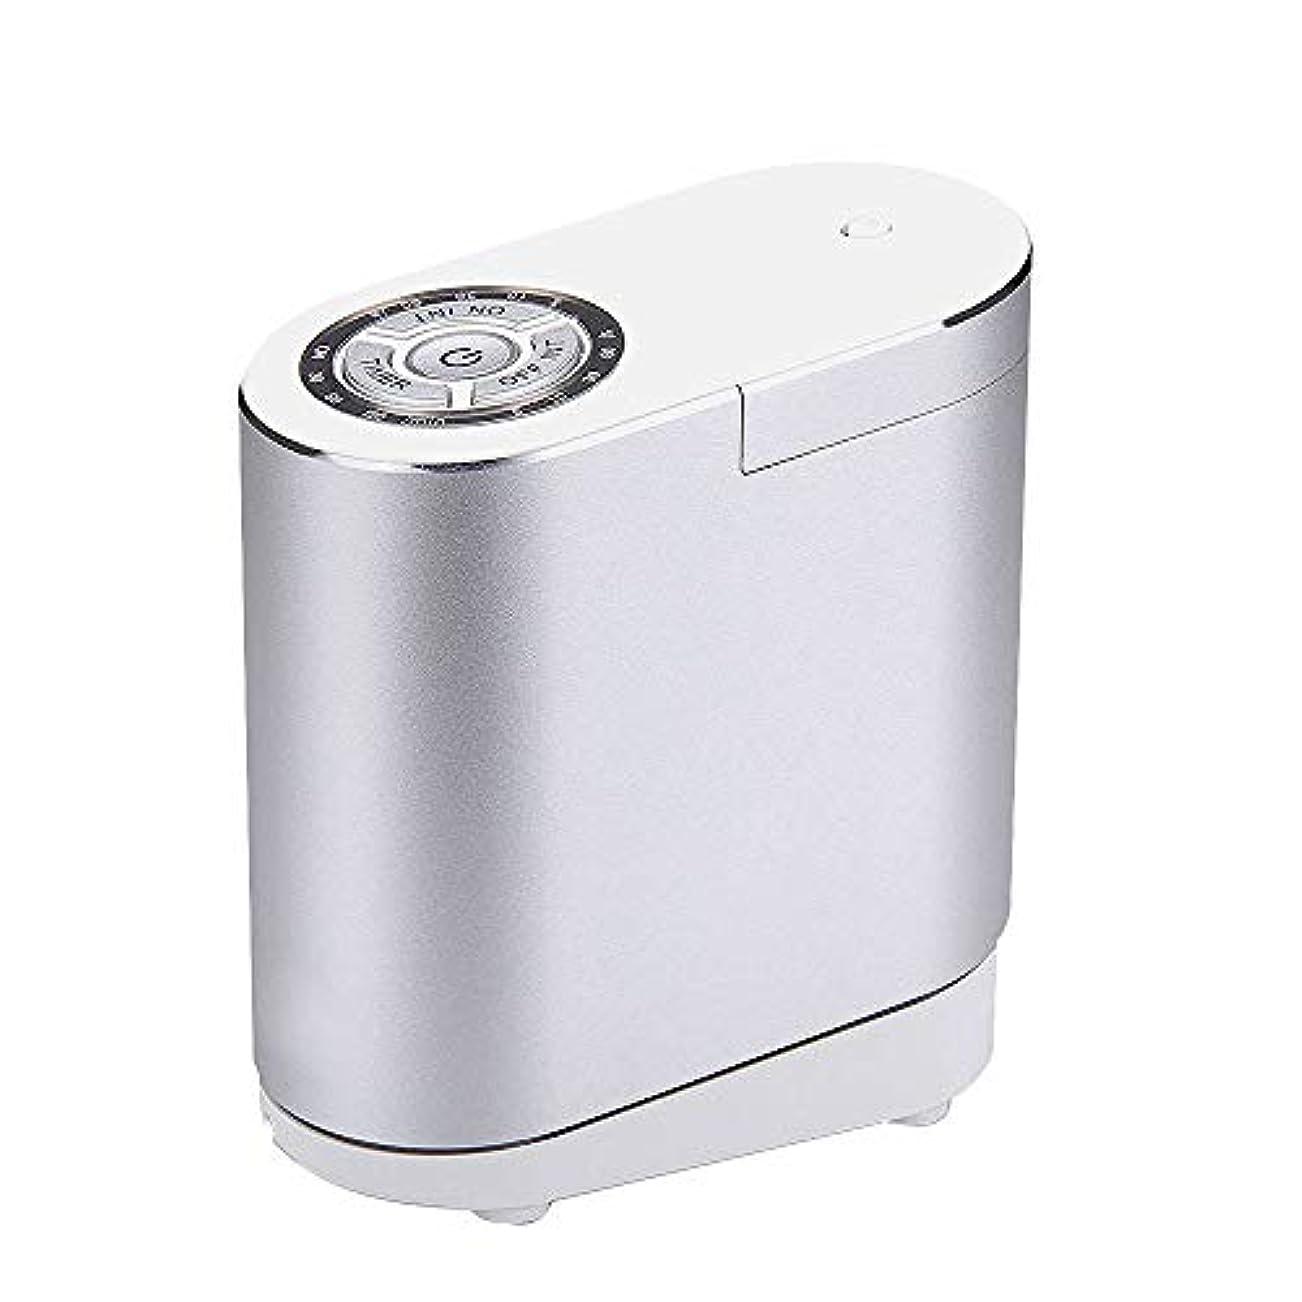 黒くする緑適度な精油の拡散器、総本店の寝室部屋のための携帯用超音波拡散器の涼しい霧の加湿器,silver30ML